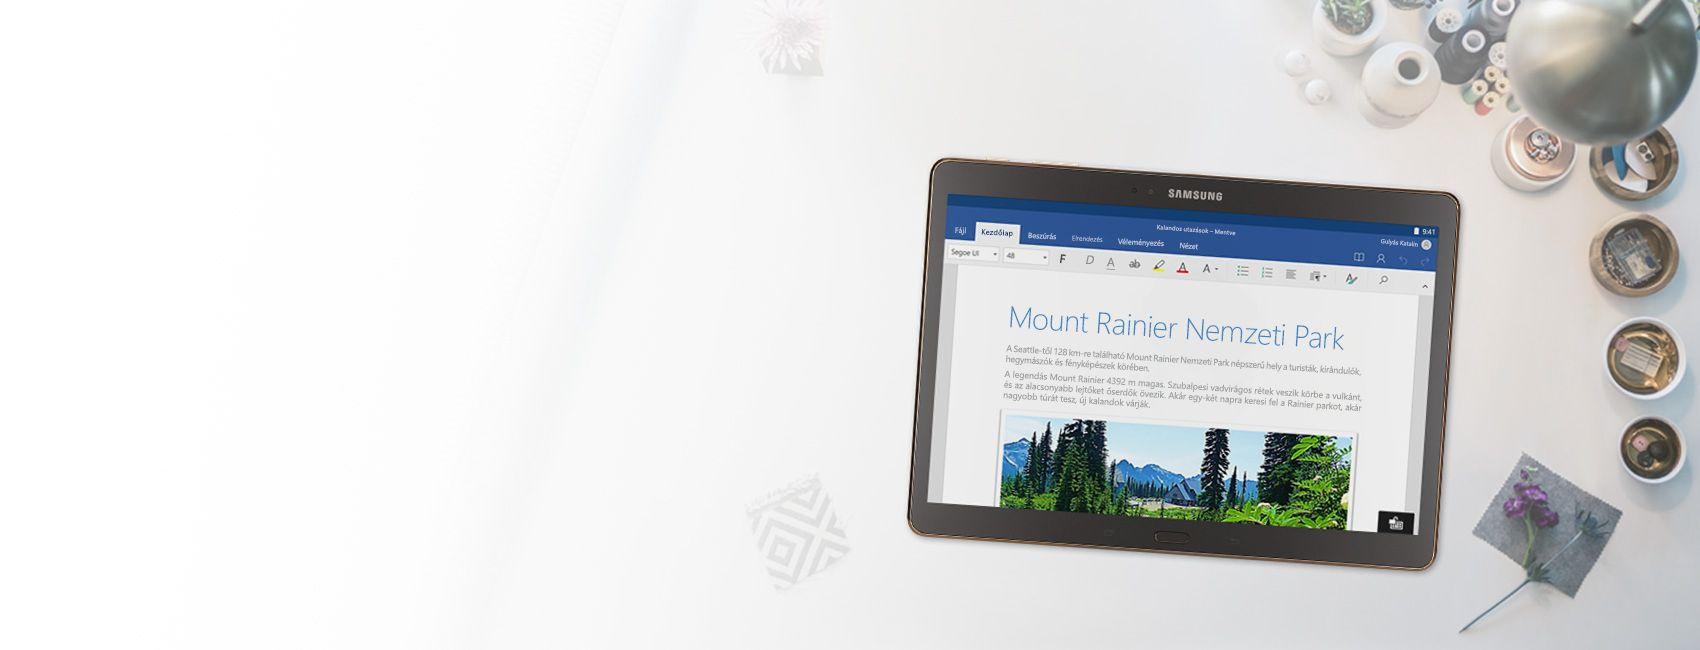 Egy táblagép, amelynek a képernyőjén egy Word-dokumentum látható a Mount Rainier Nemzeti Parkról